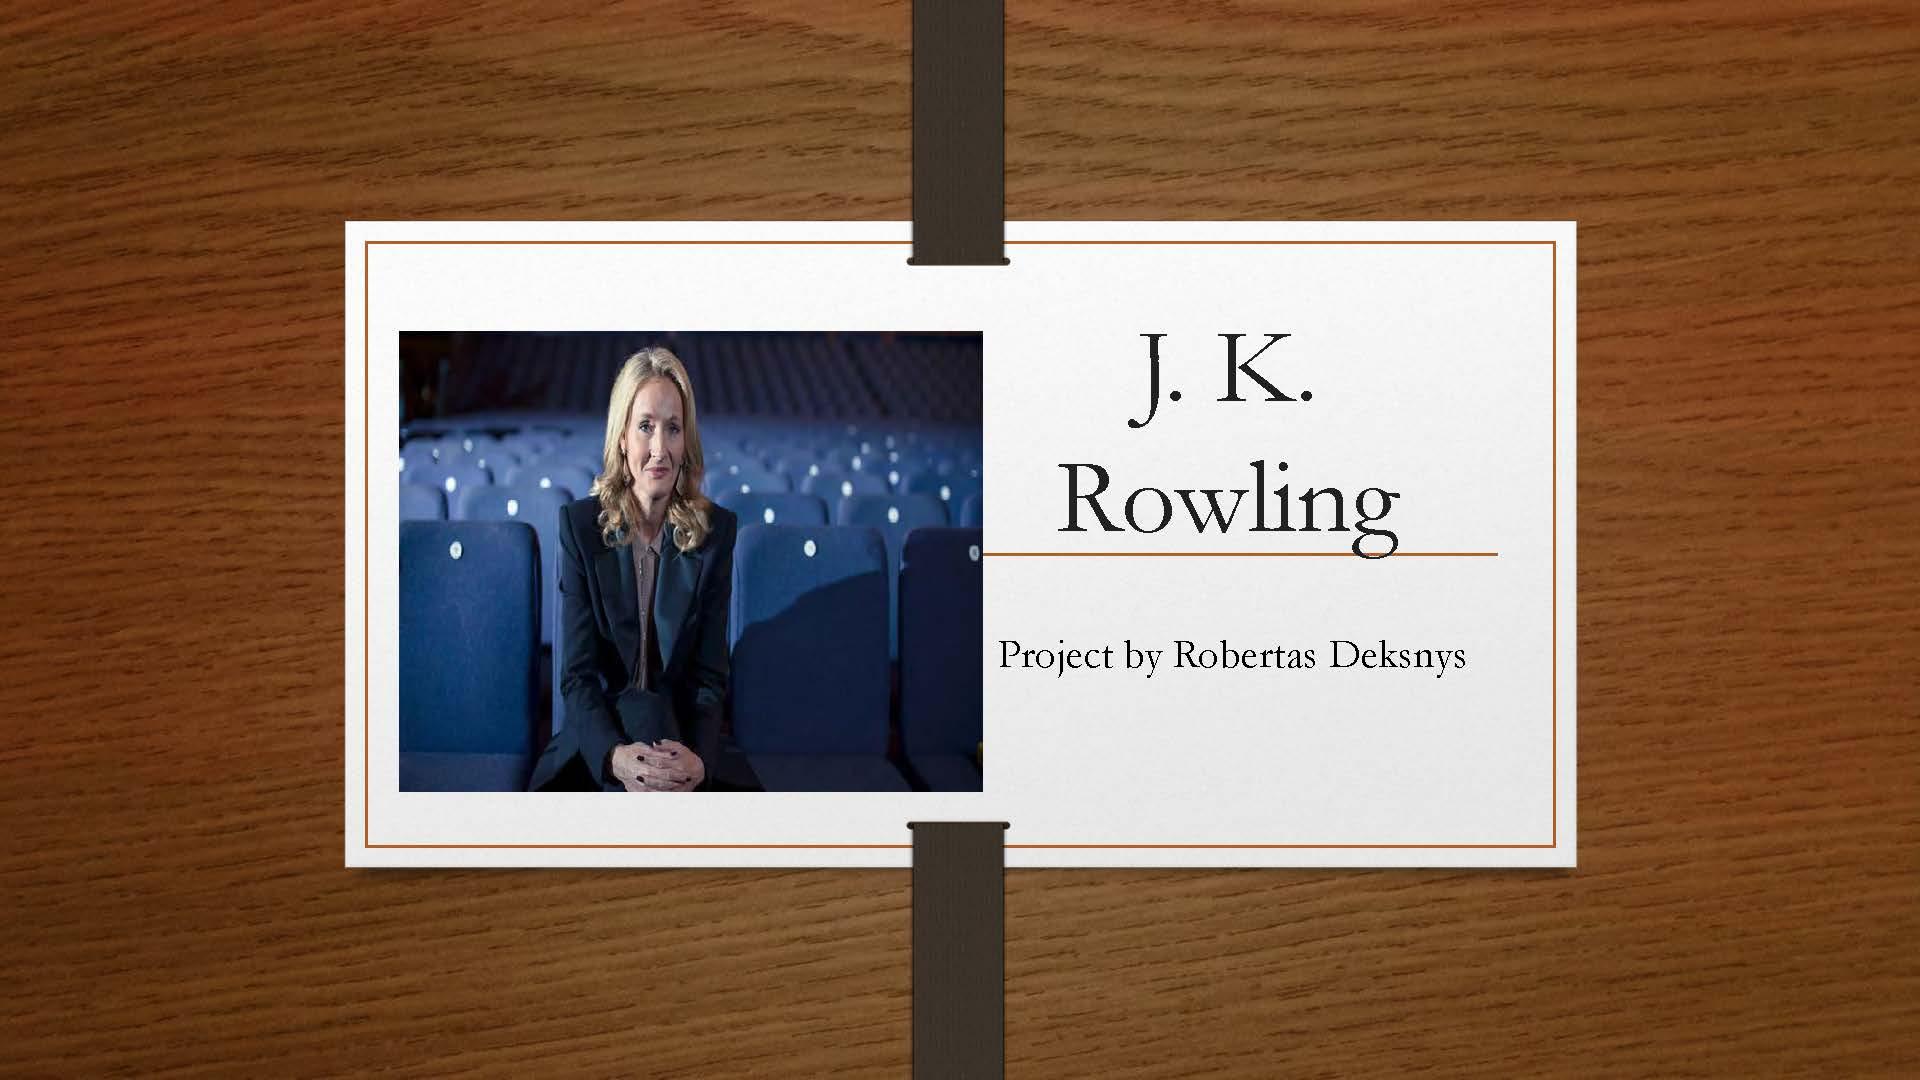 rowling-jk1_Page_1